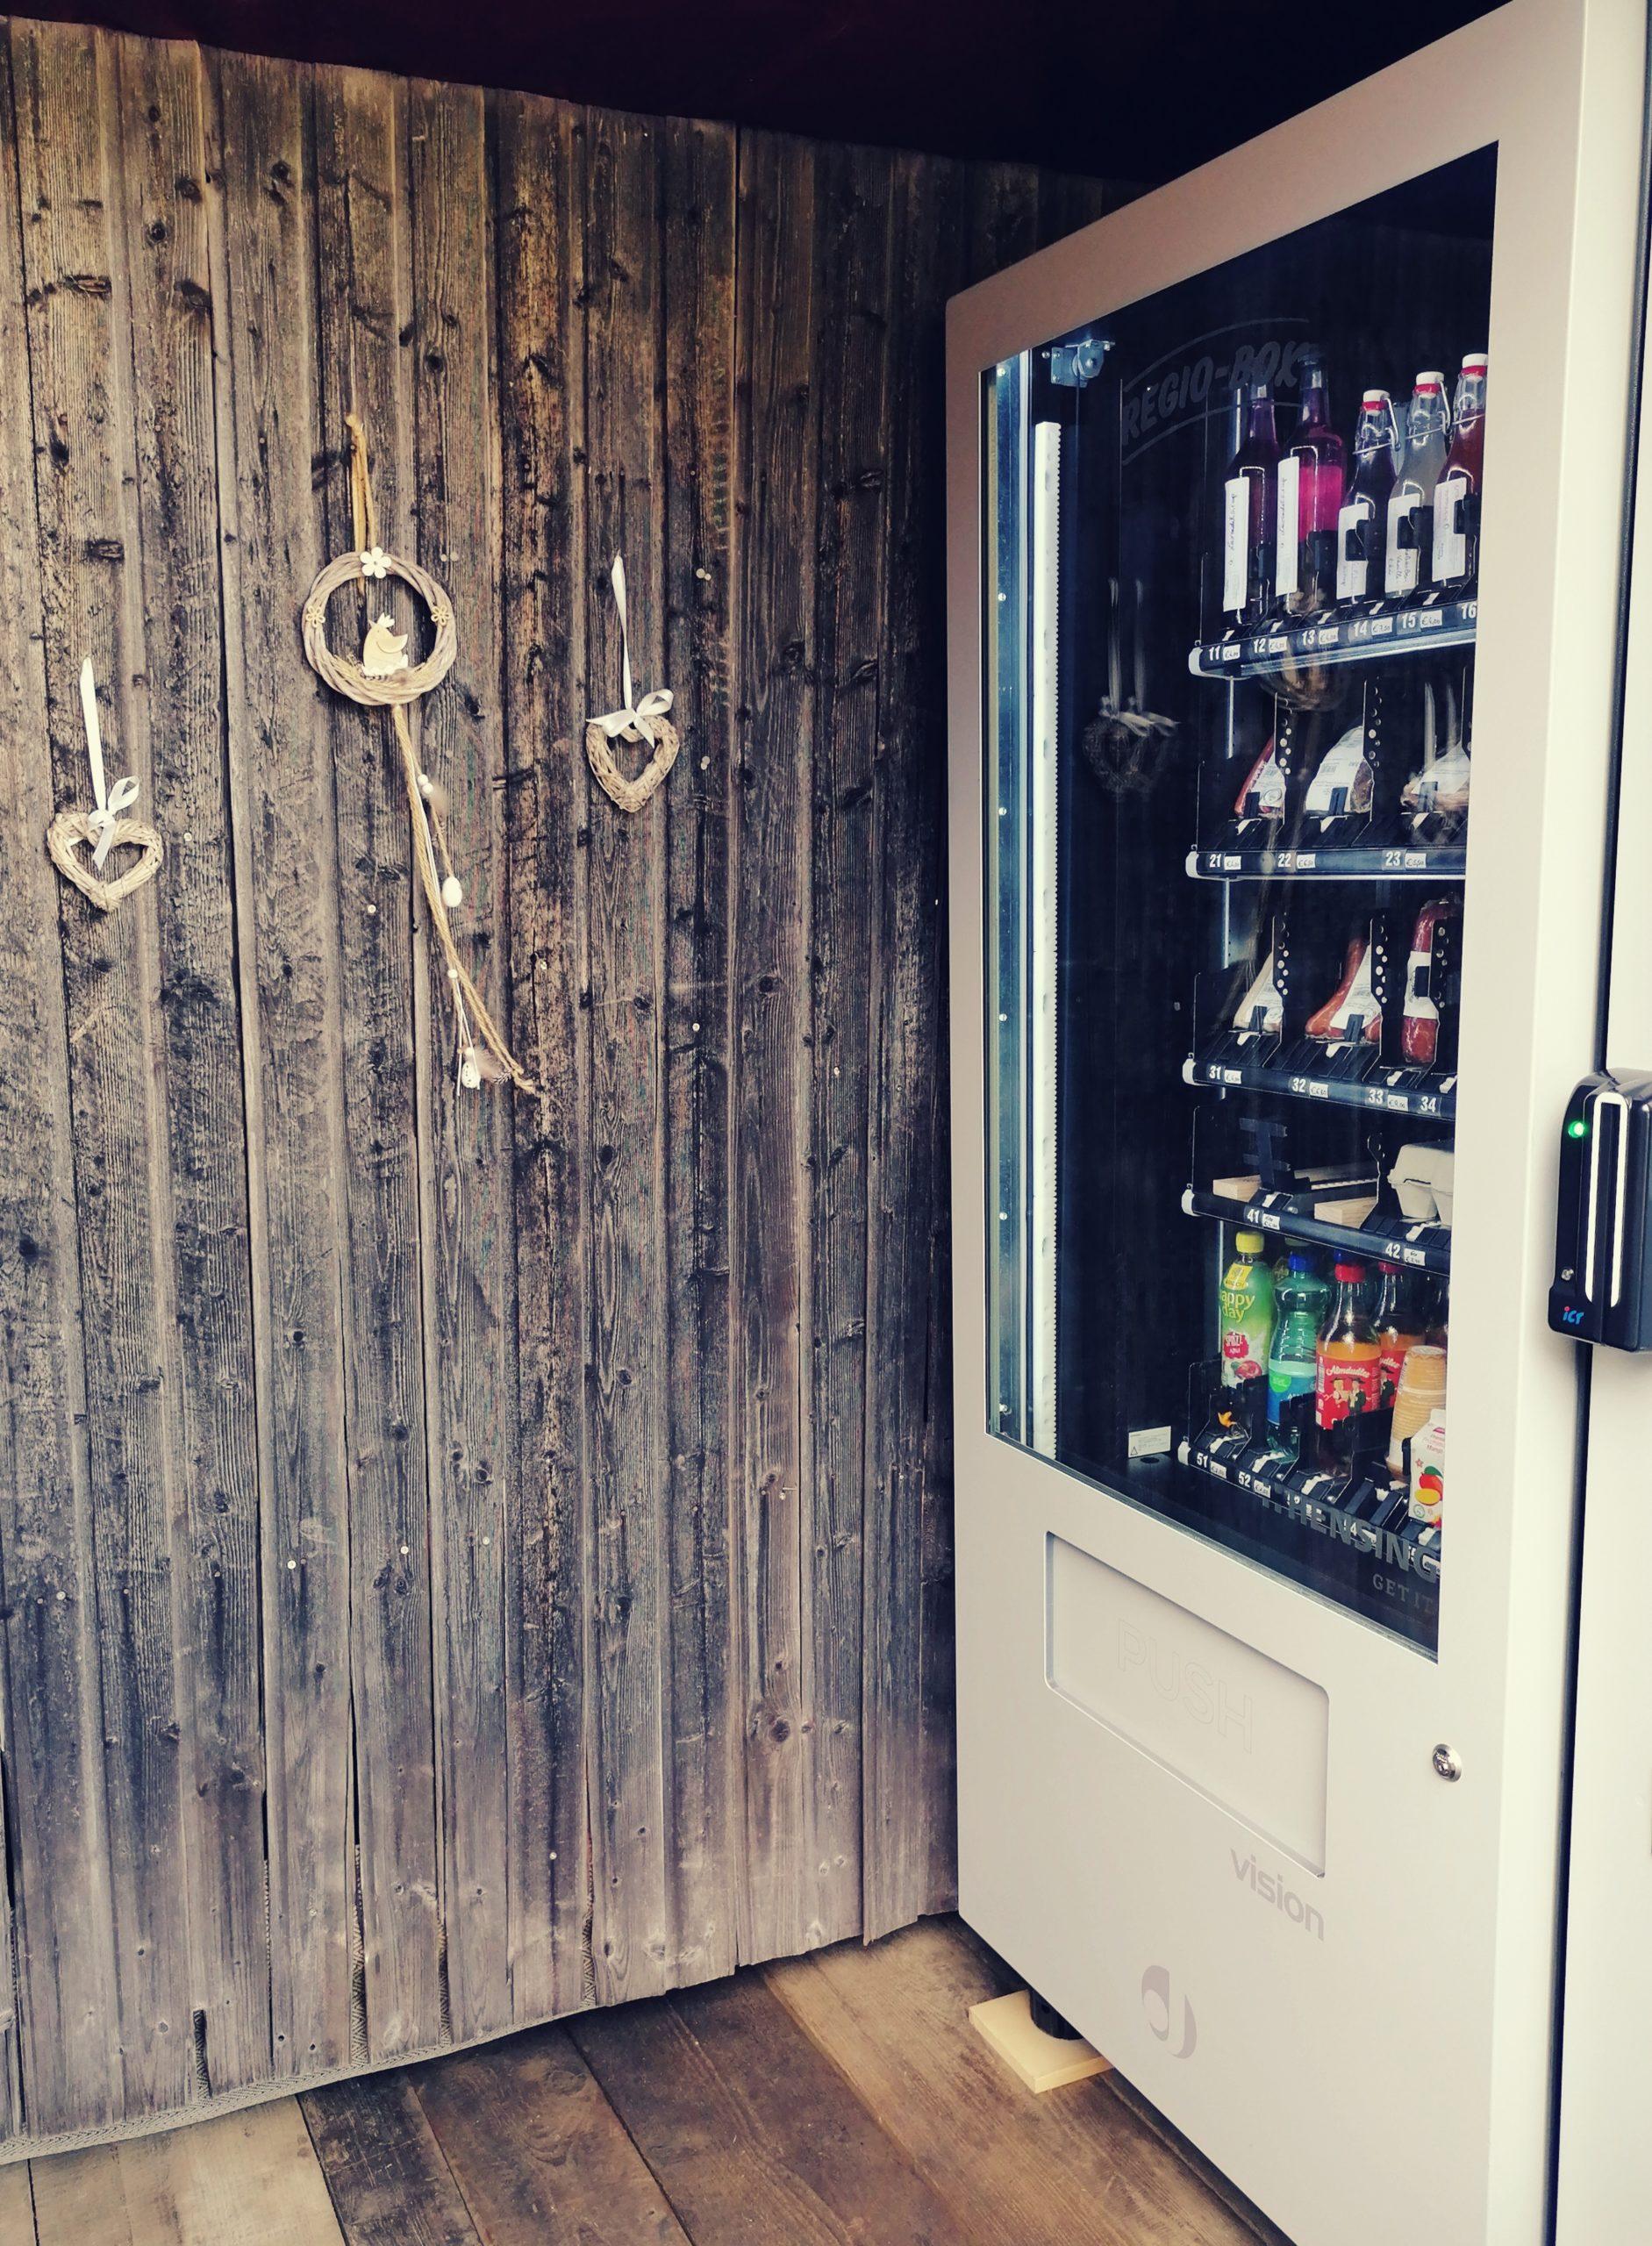 Automat mit regionalen Spezialitäten © Regina Langreiter